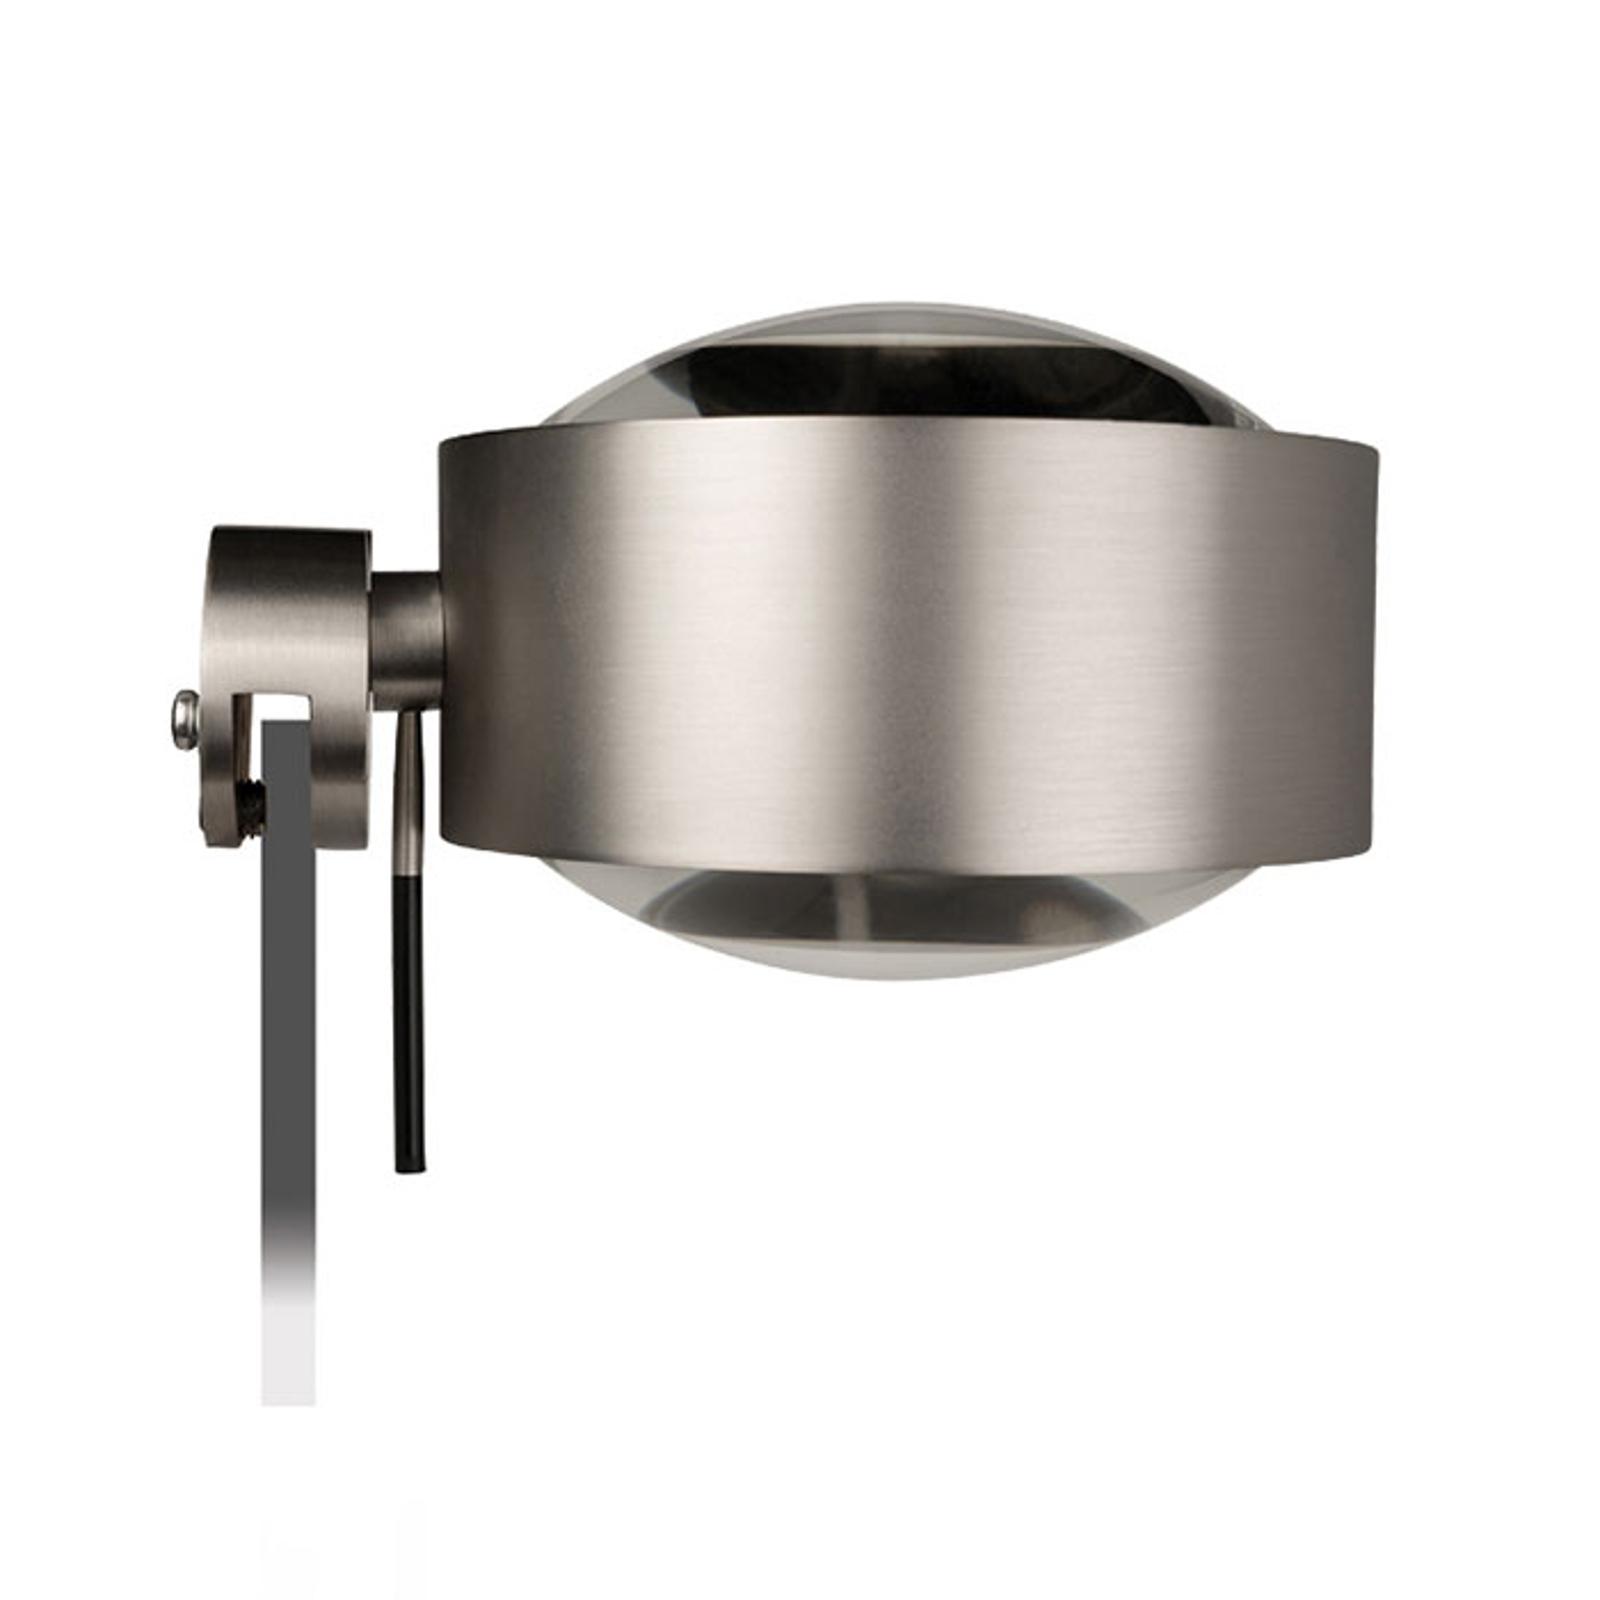 LED-Spiegelklemmleuchte Puk Maxx Fix+